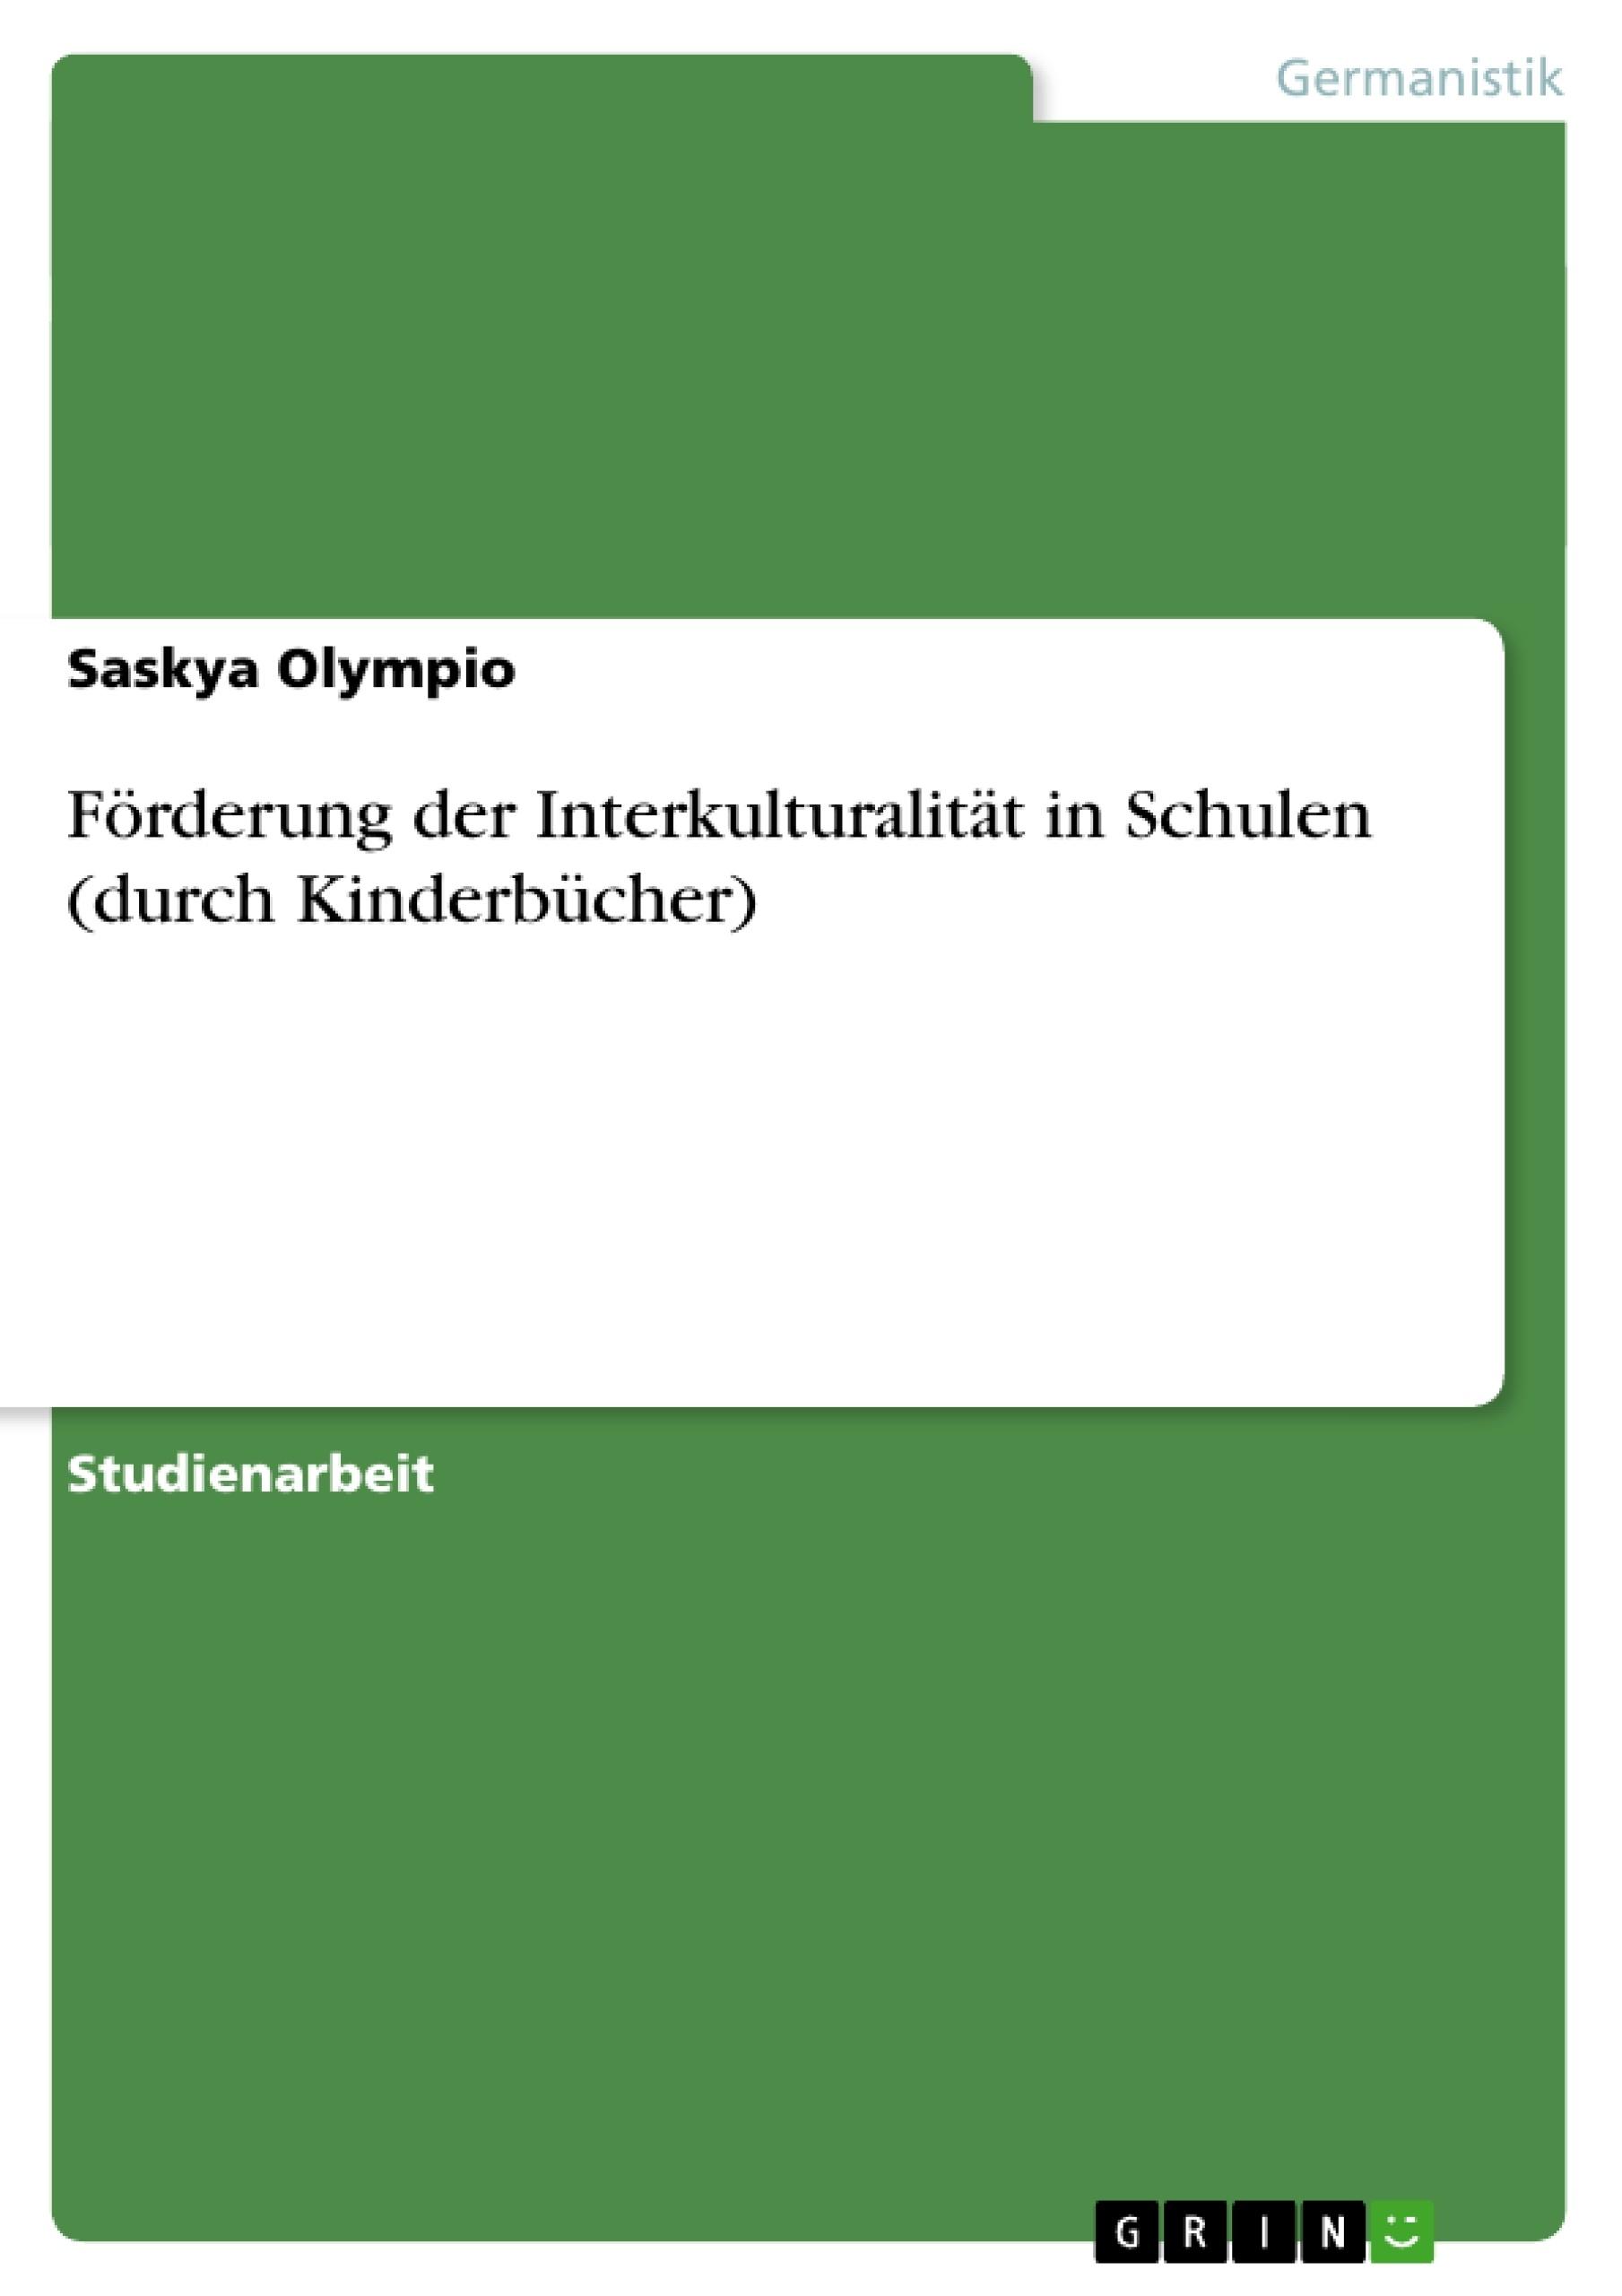 Titel: Förderung der Interkulturalität in Schulen (durch Kinderbücher)